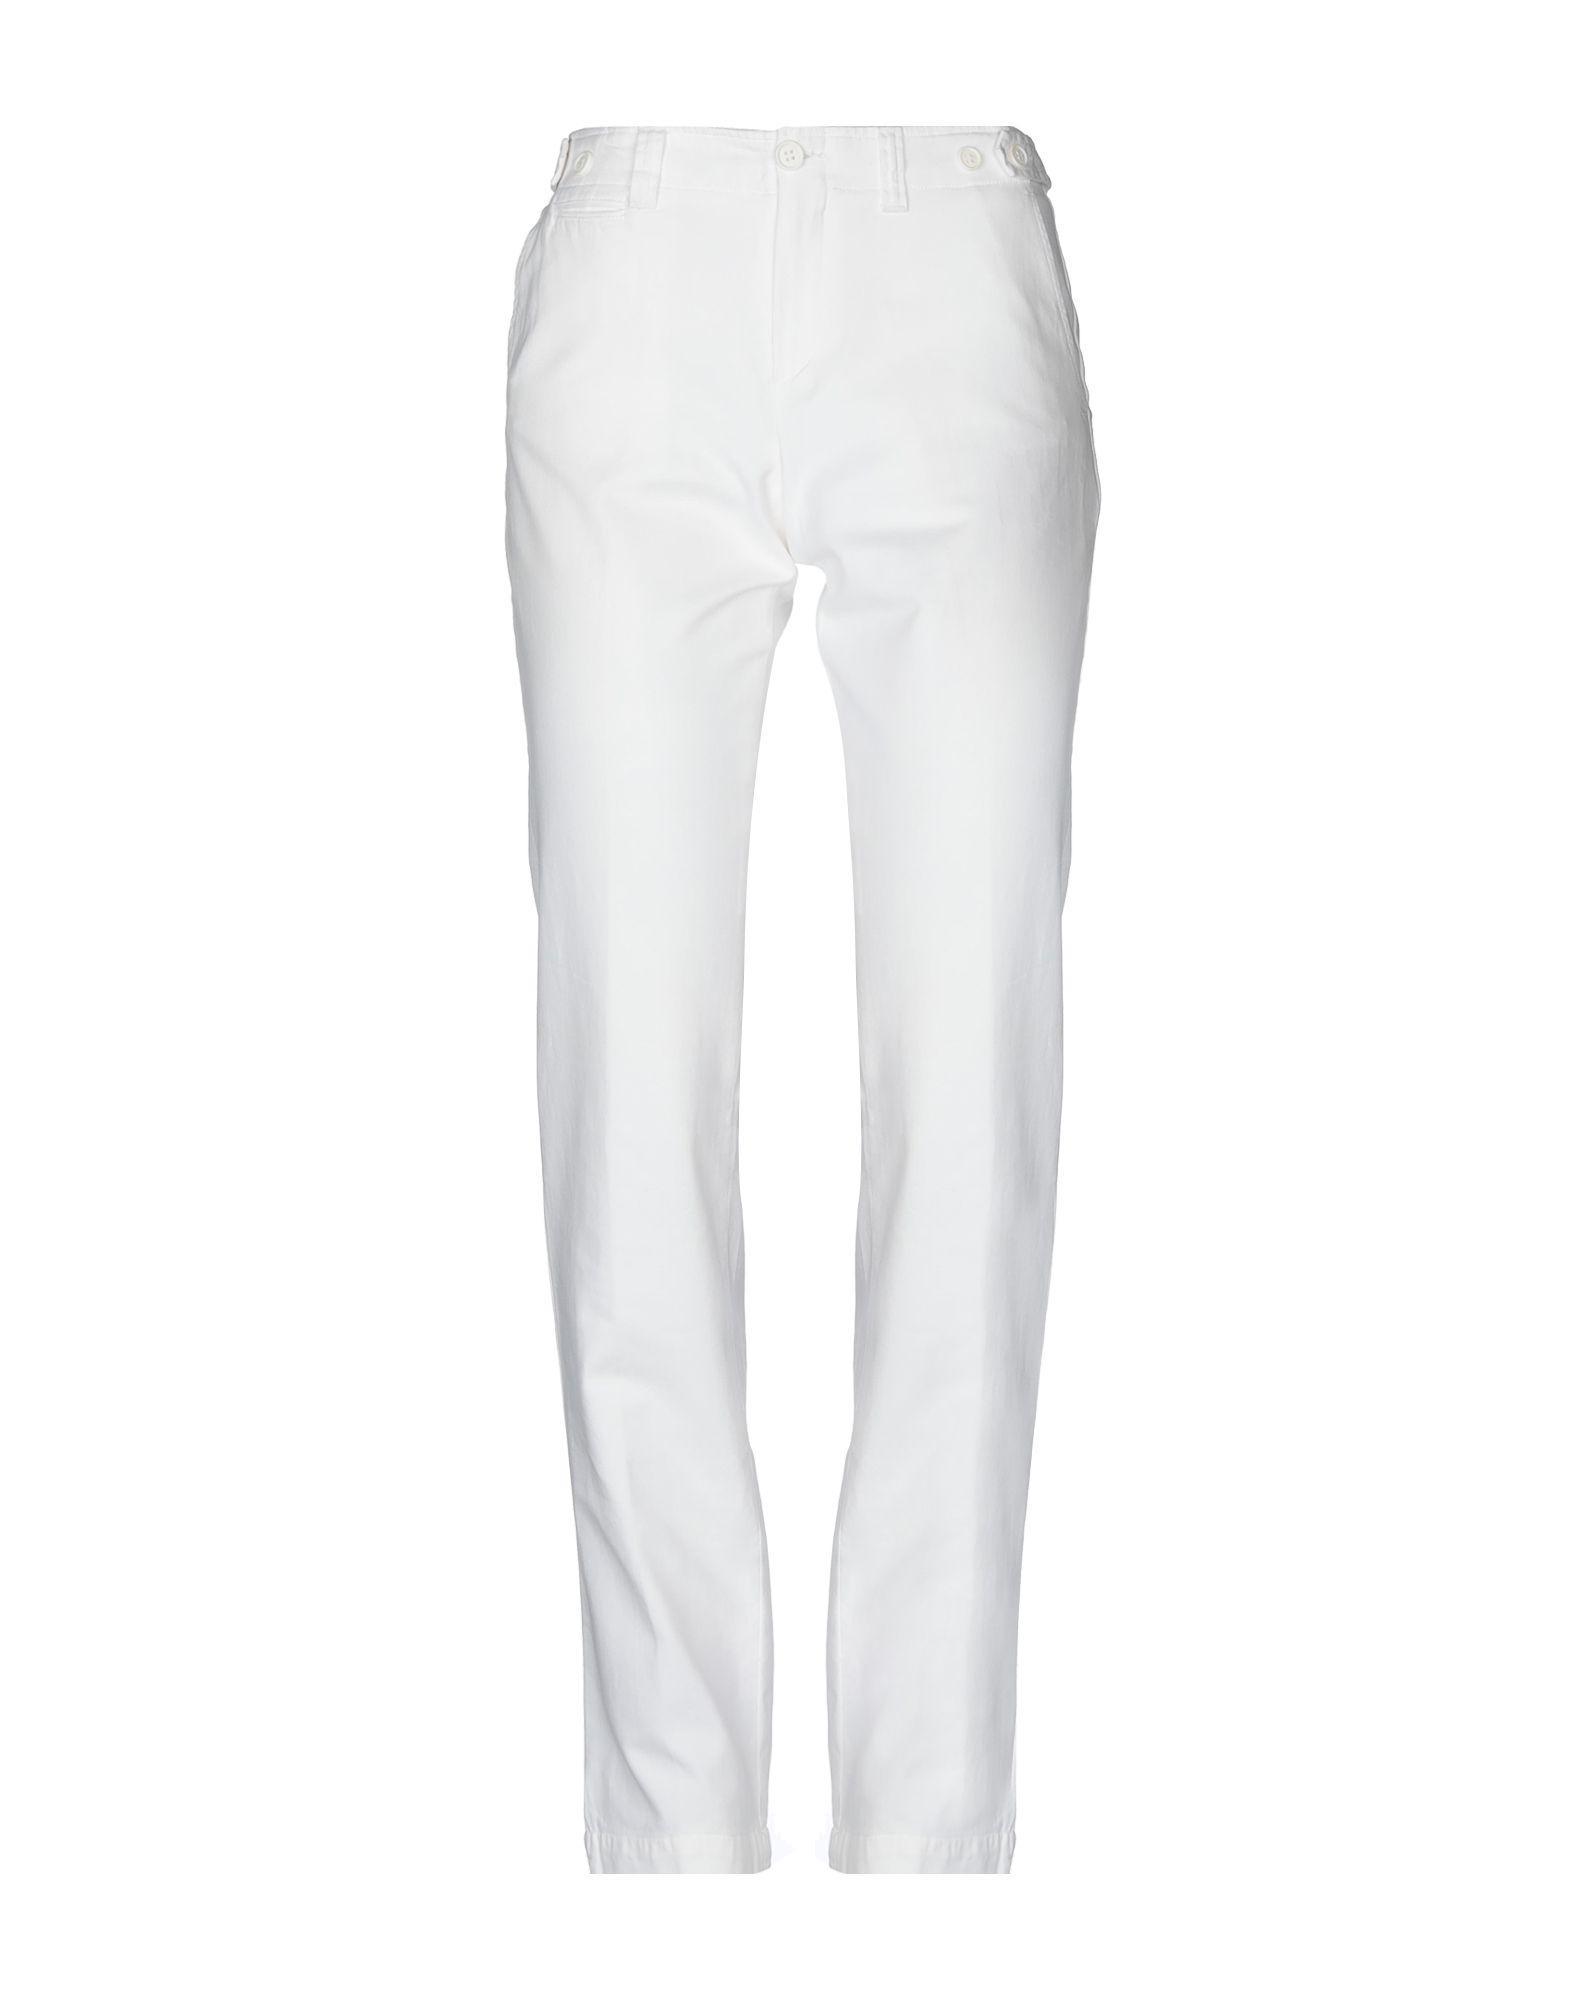 Повседневные брюки  Белый цвета